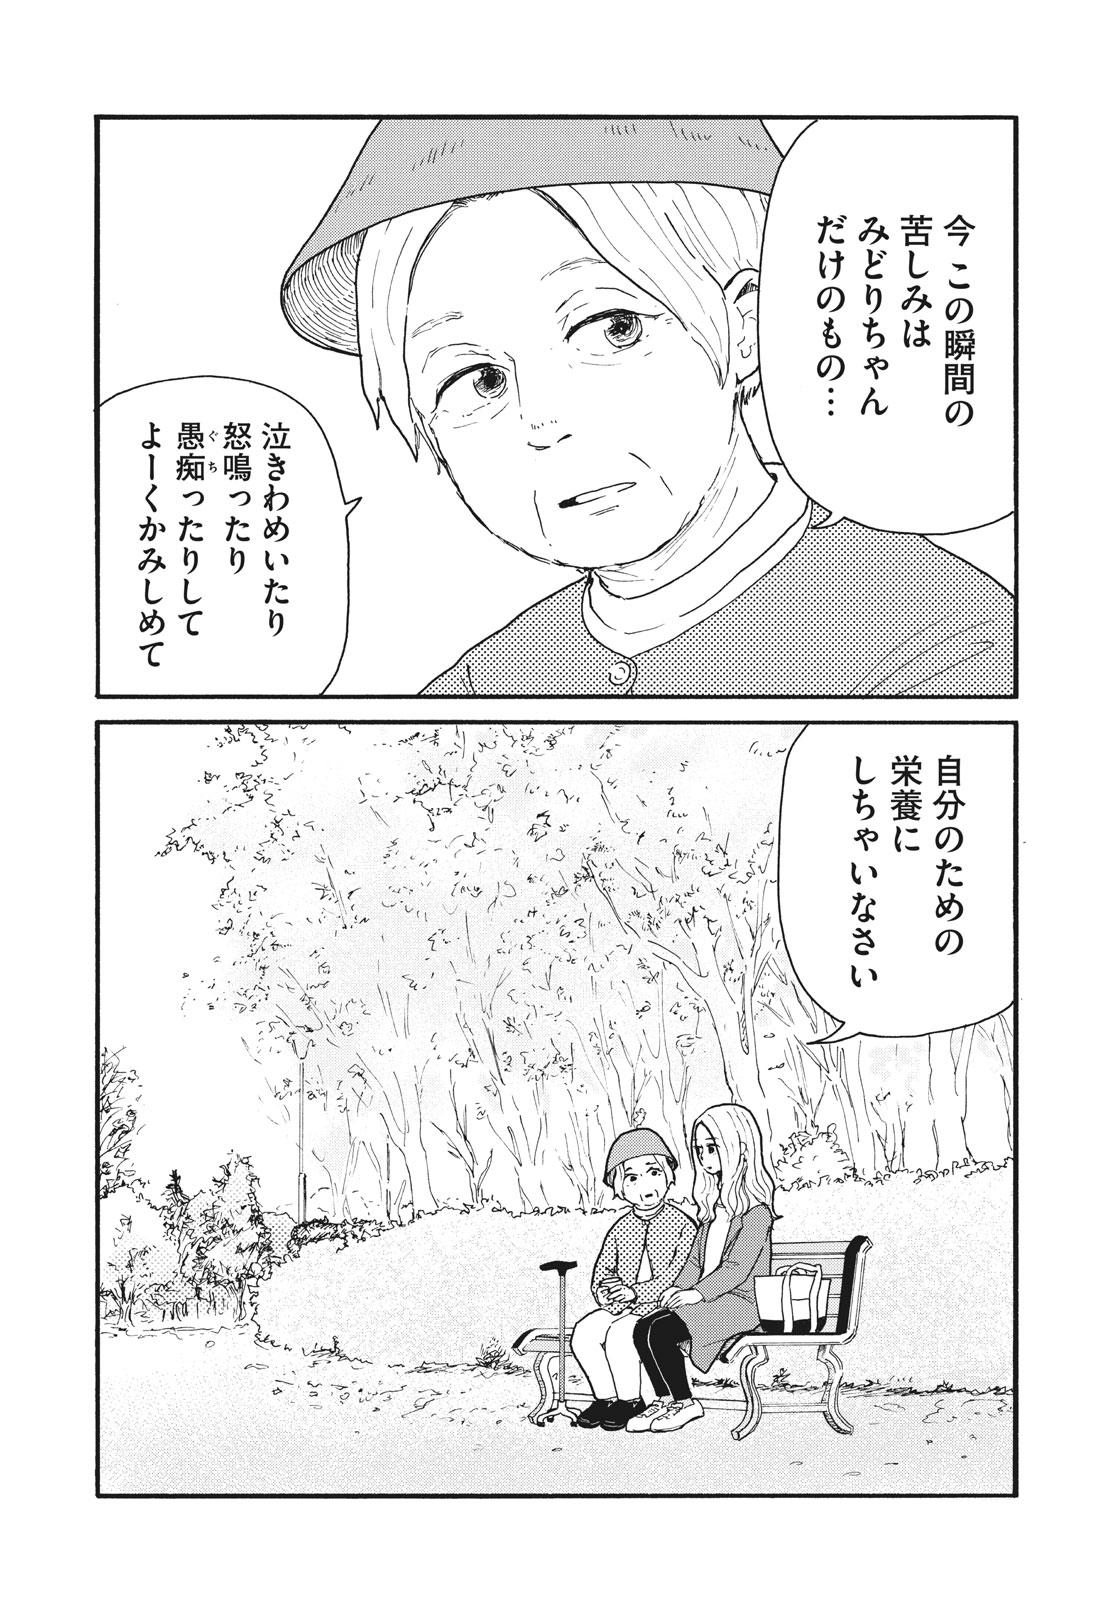 008_30日_2020_010_E.jpg